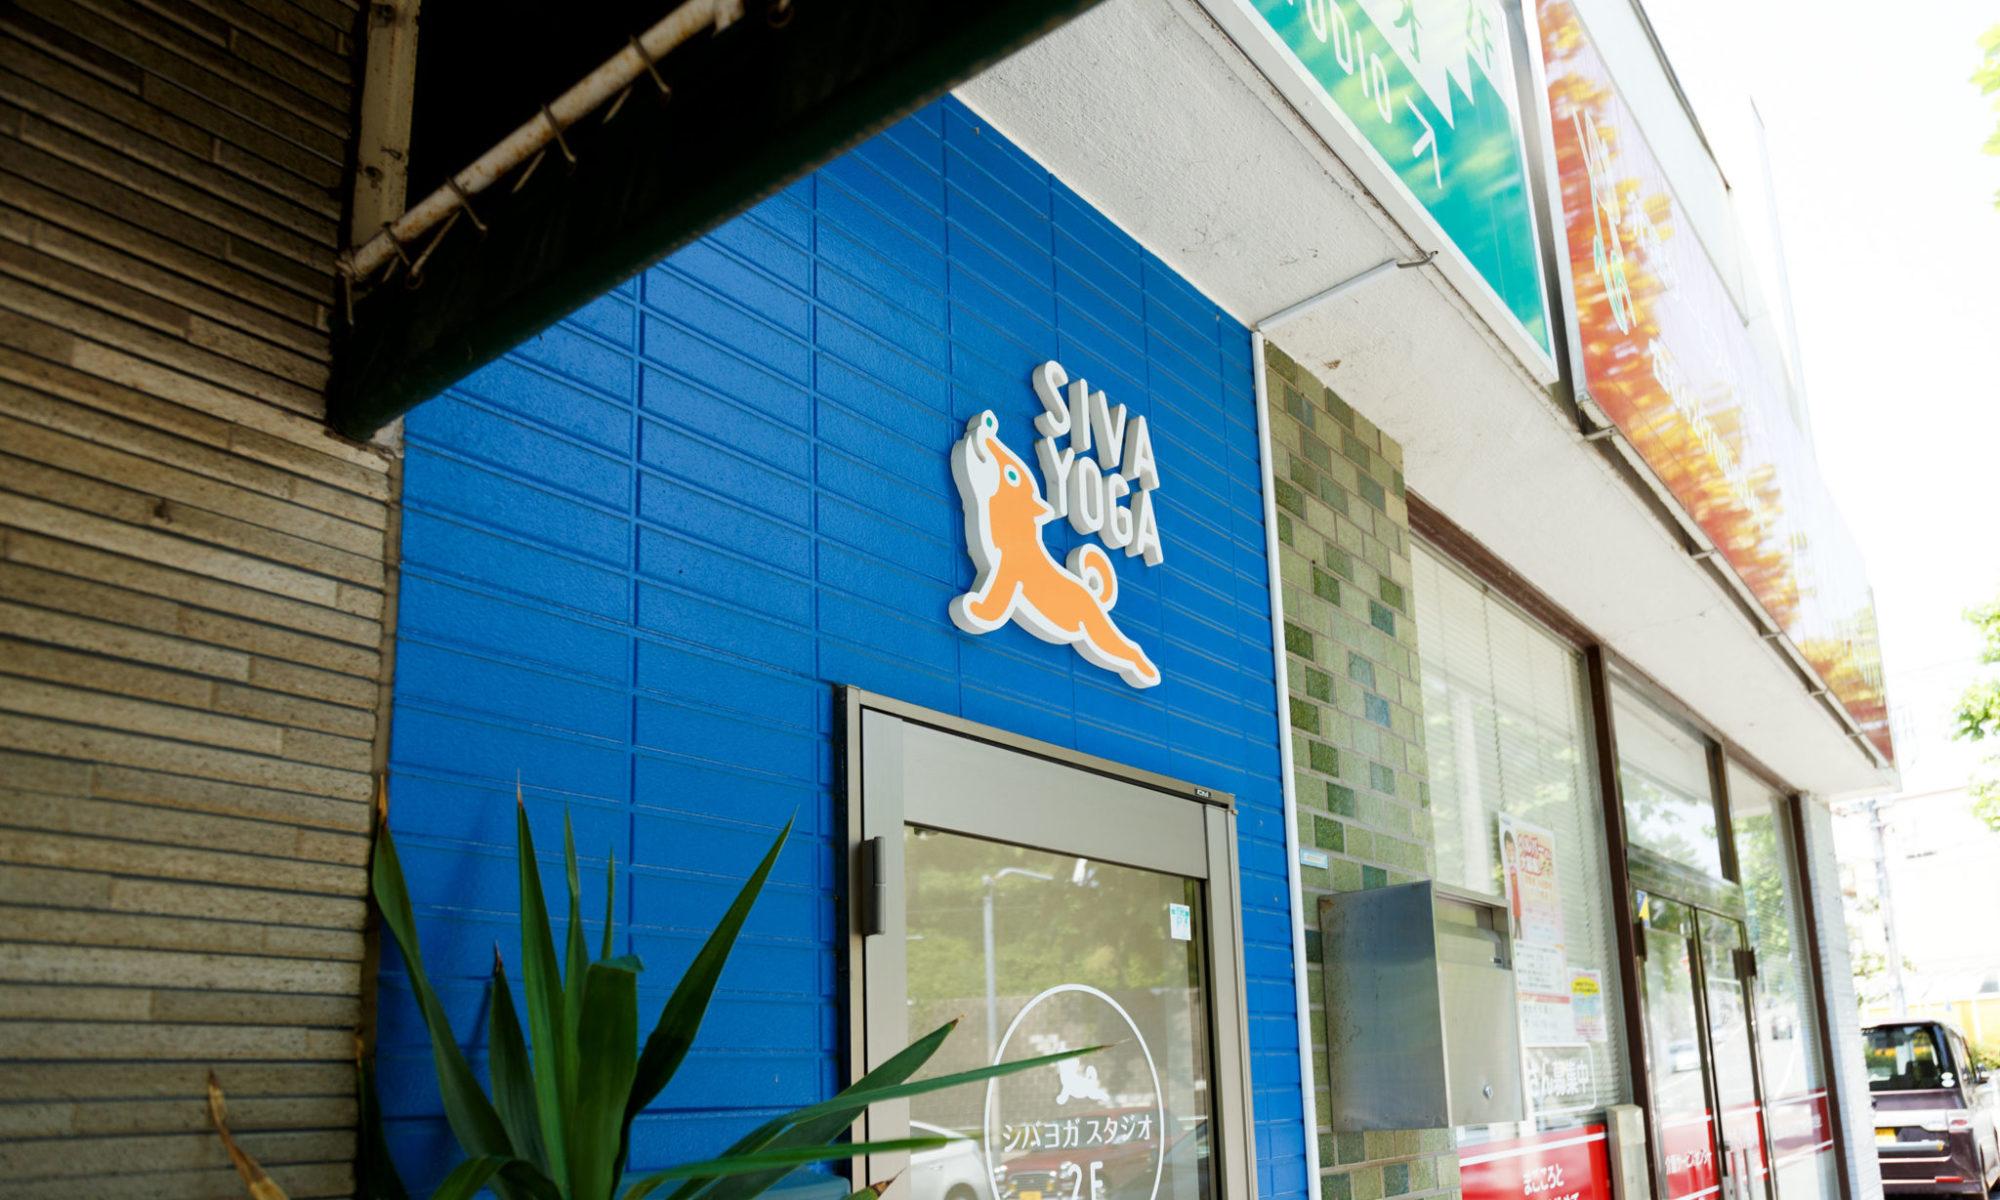 シバヨガスタジオ